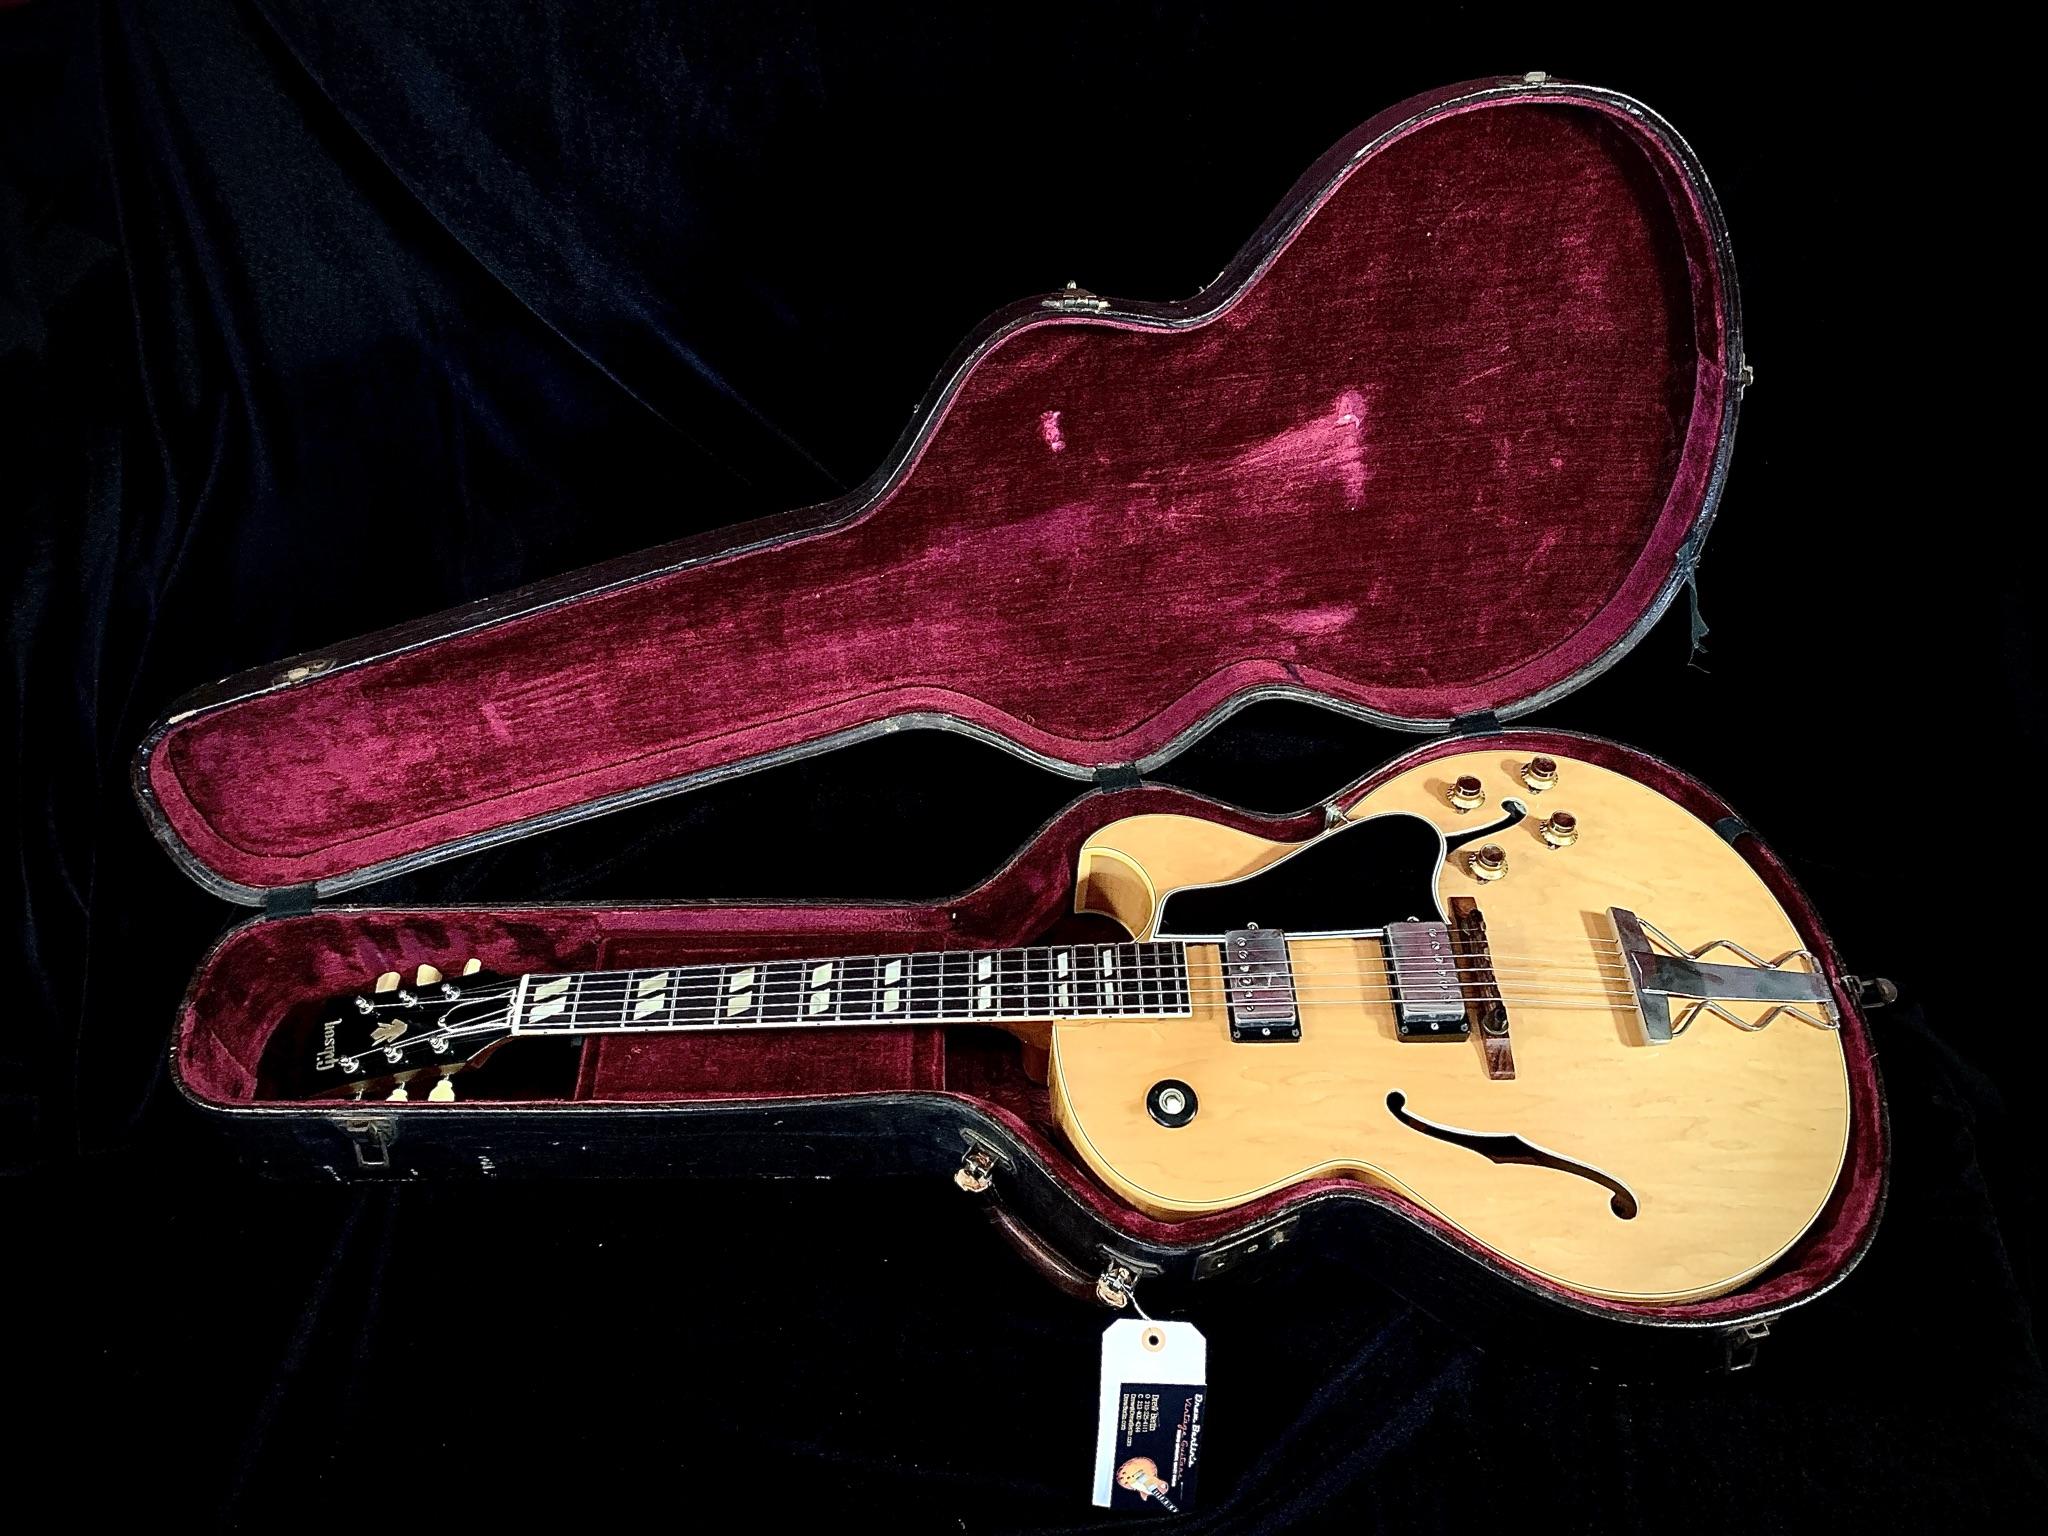 1961 Gibson ES-175 DN (Blonde) SN# A-36116